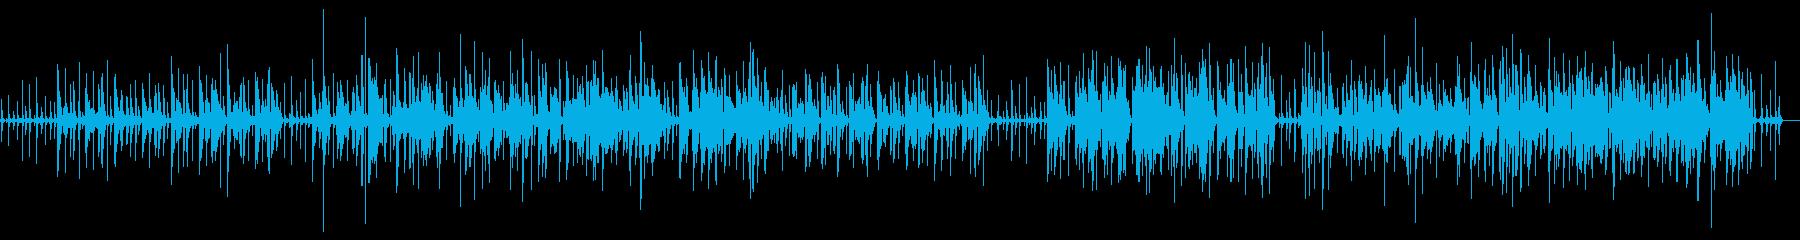 ループ系のアコースティックの再生済みの波形